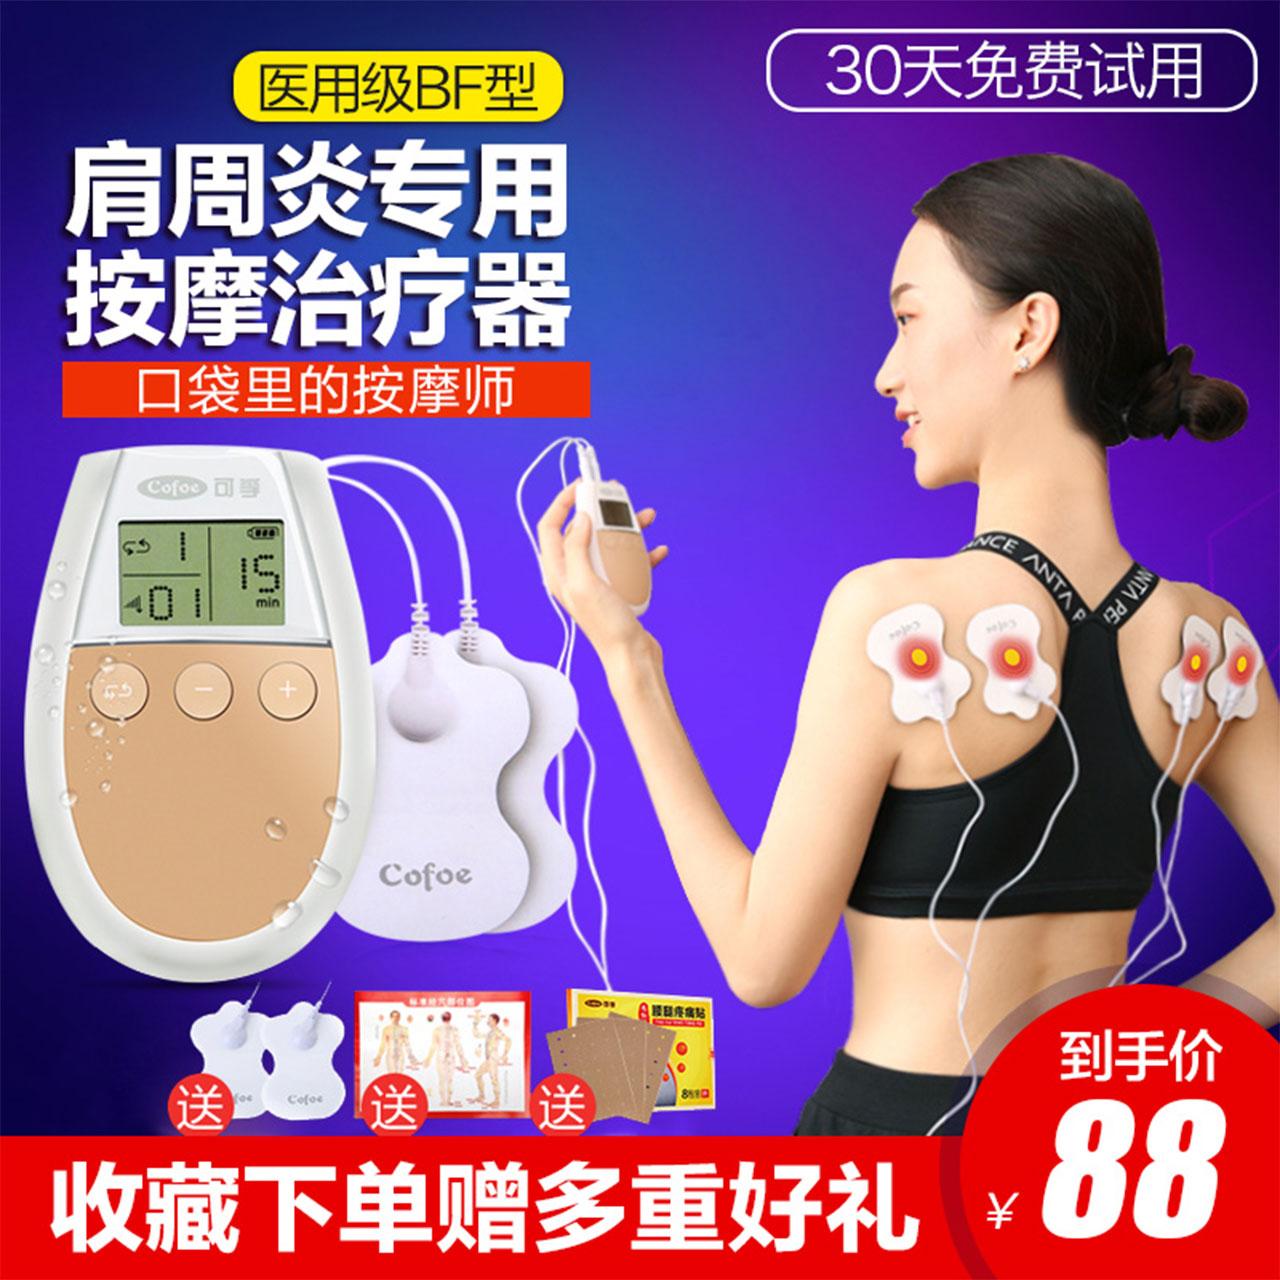 理療儀針灸家用電療經絡治療器肩周炎按摩低頻電子脈沖頸椎疏通機